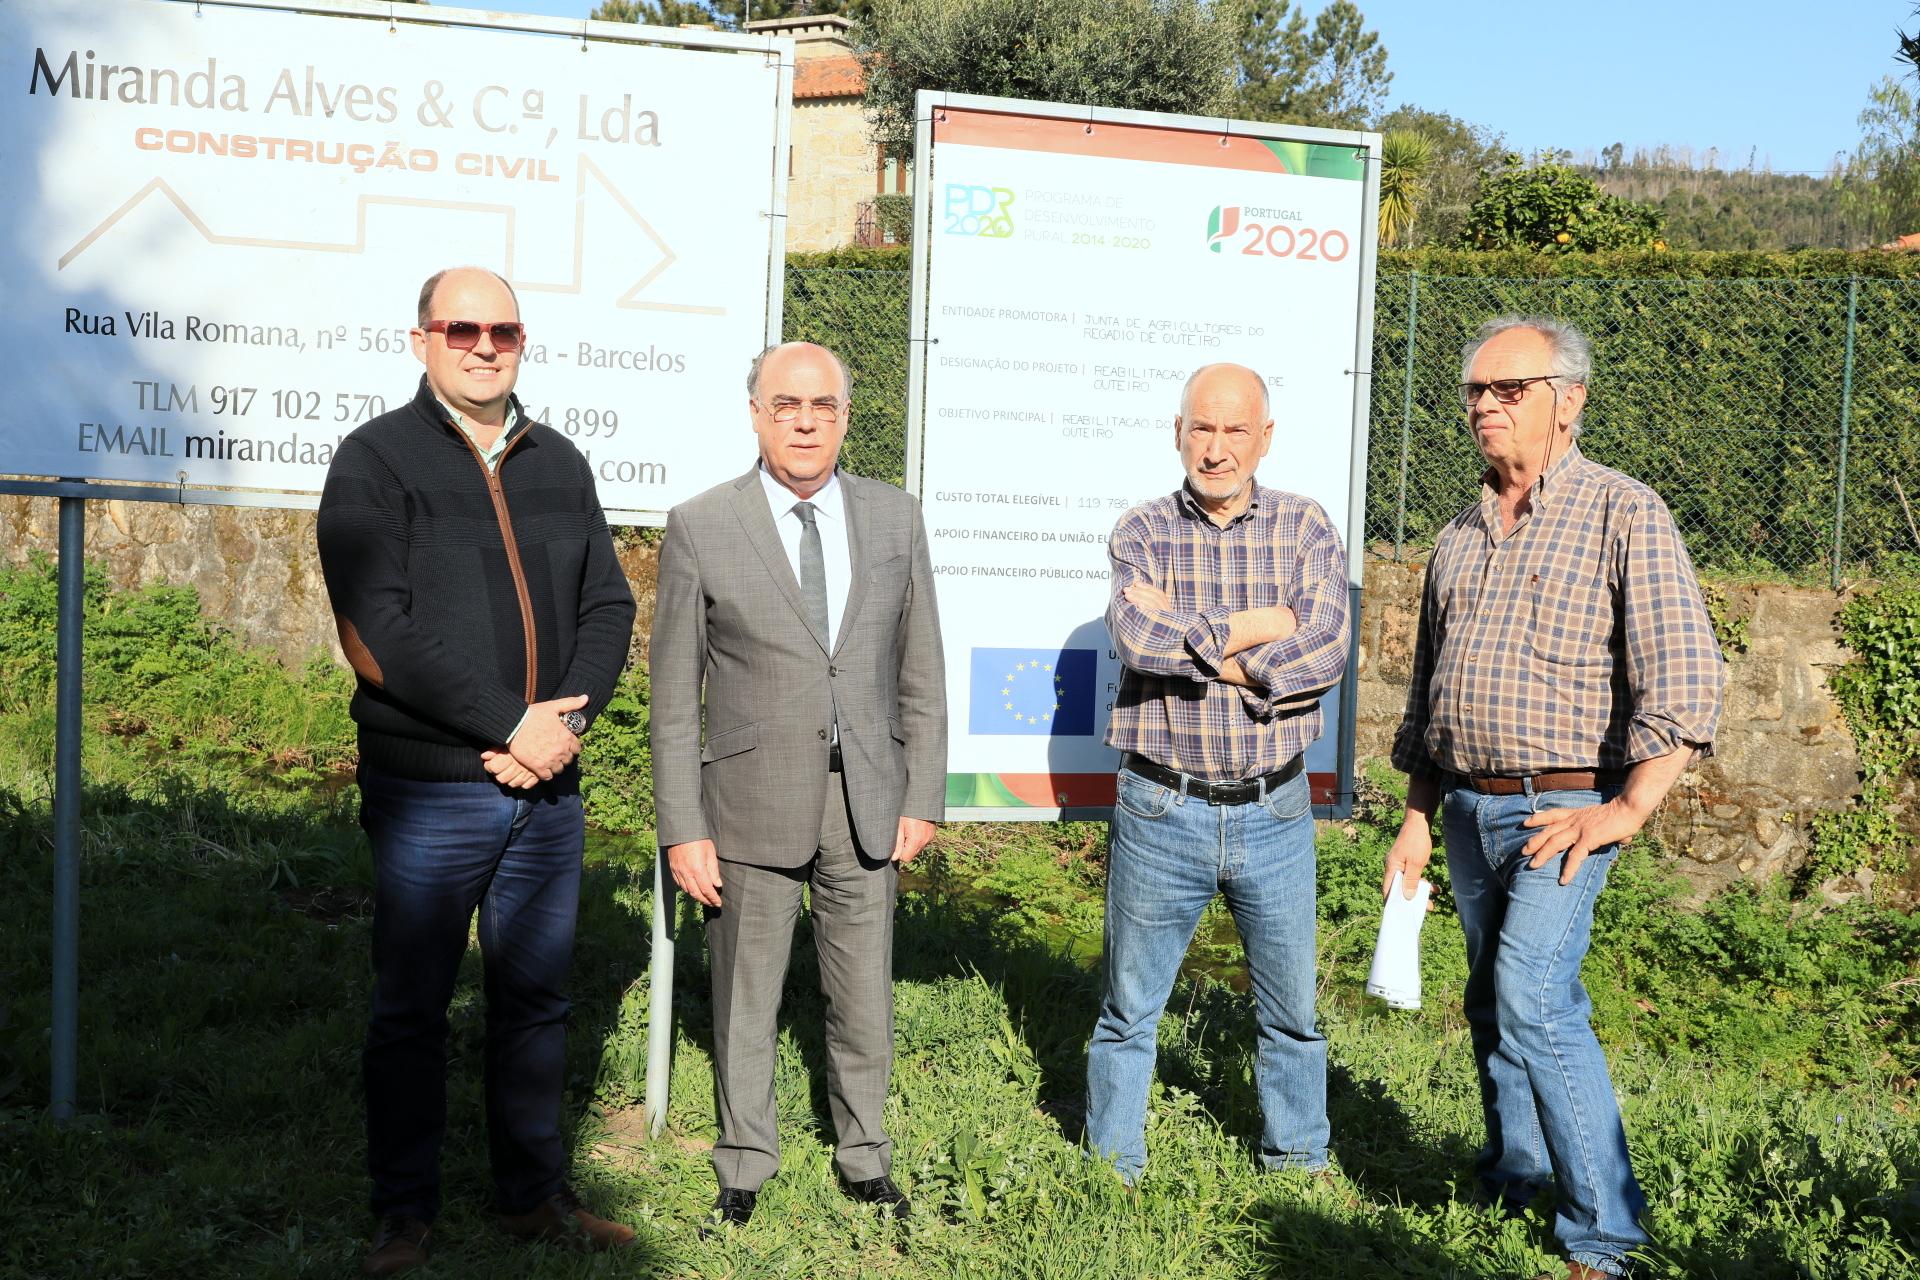 Presidente da Câmara Municipal visita regadios recuperados em Vila Cova